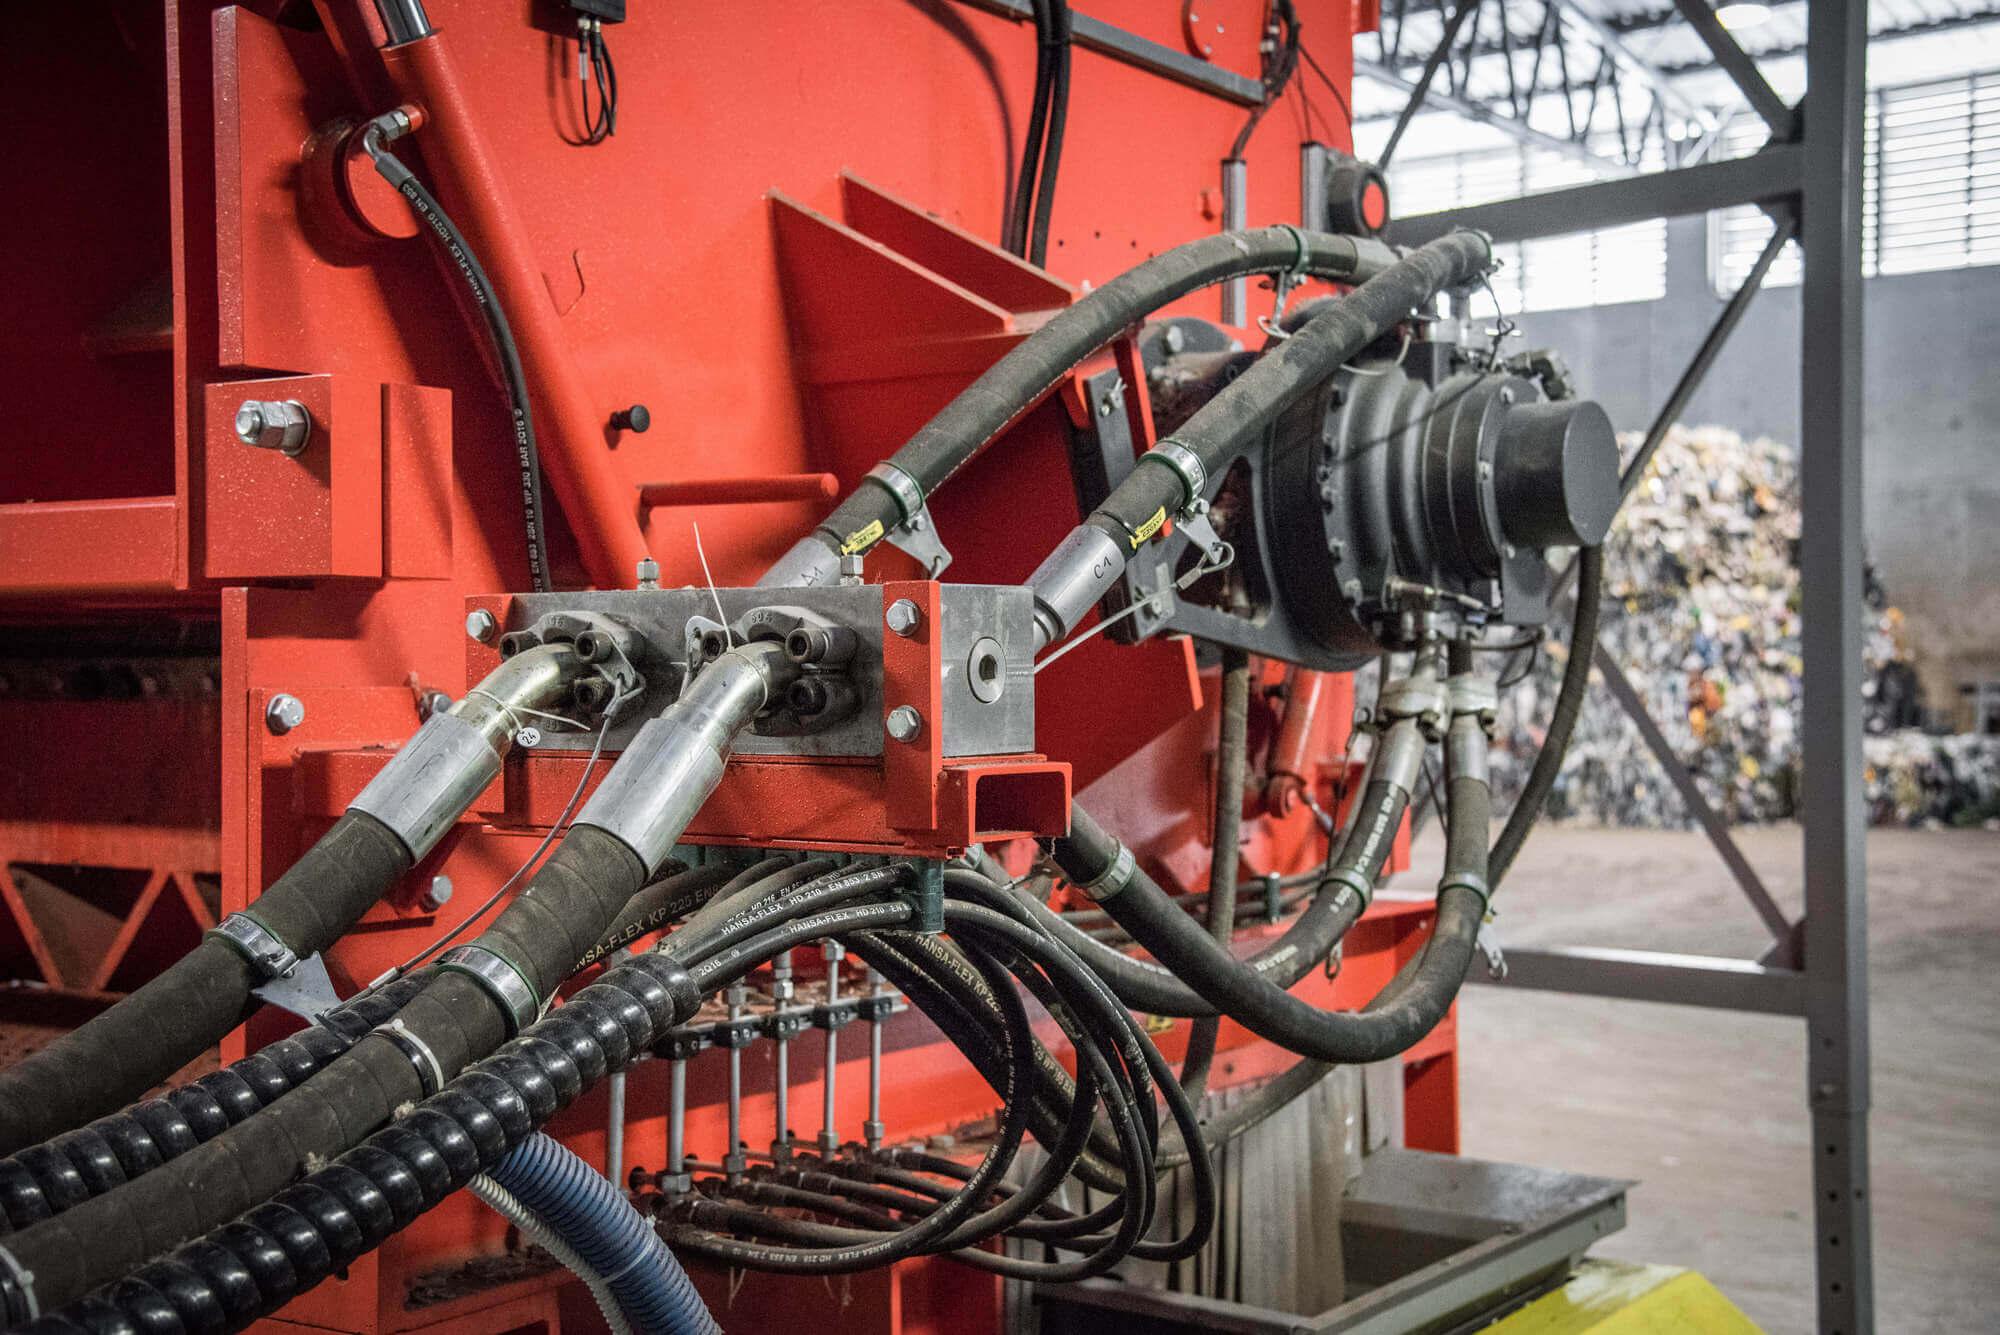 Hägglunds hydraulic drive on a powerful WEIMA shredder